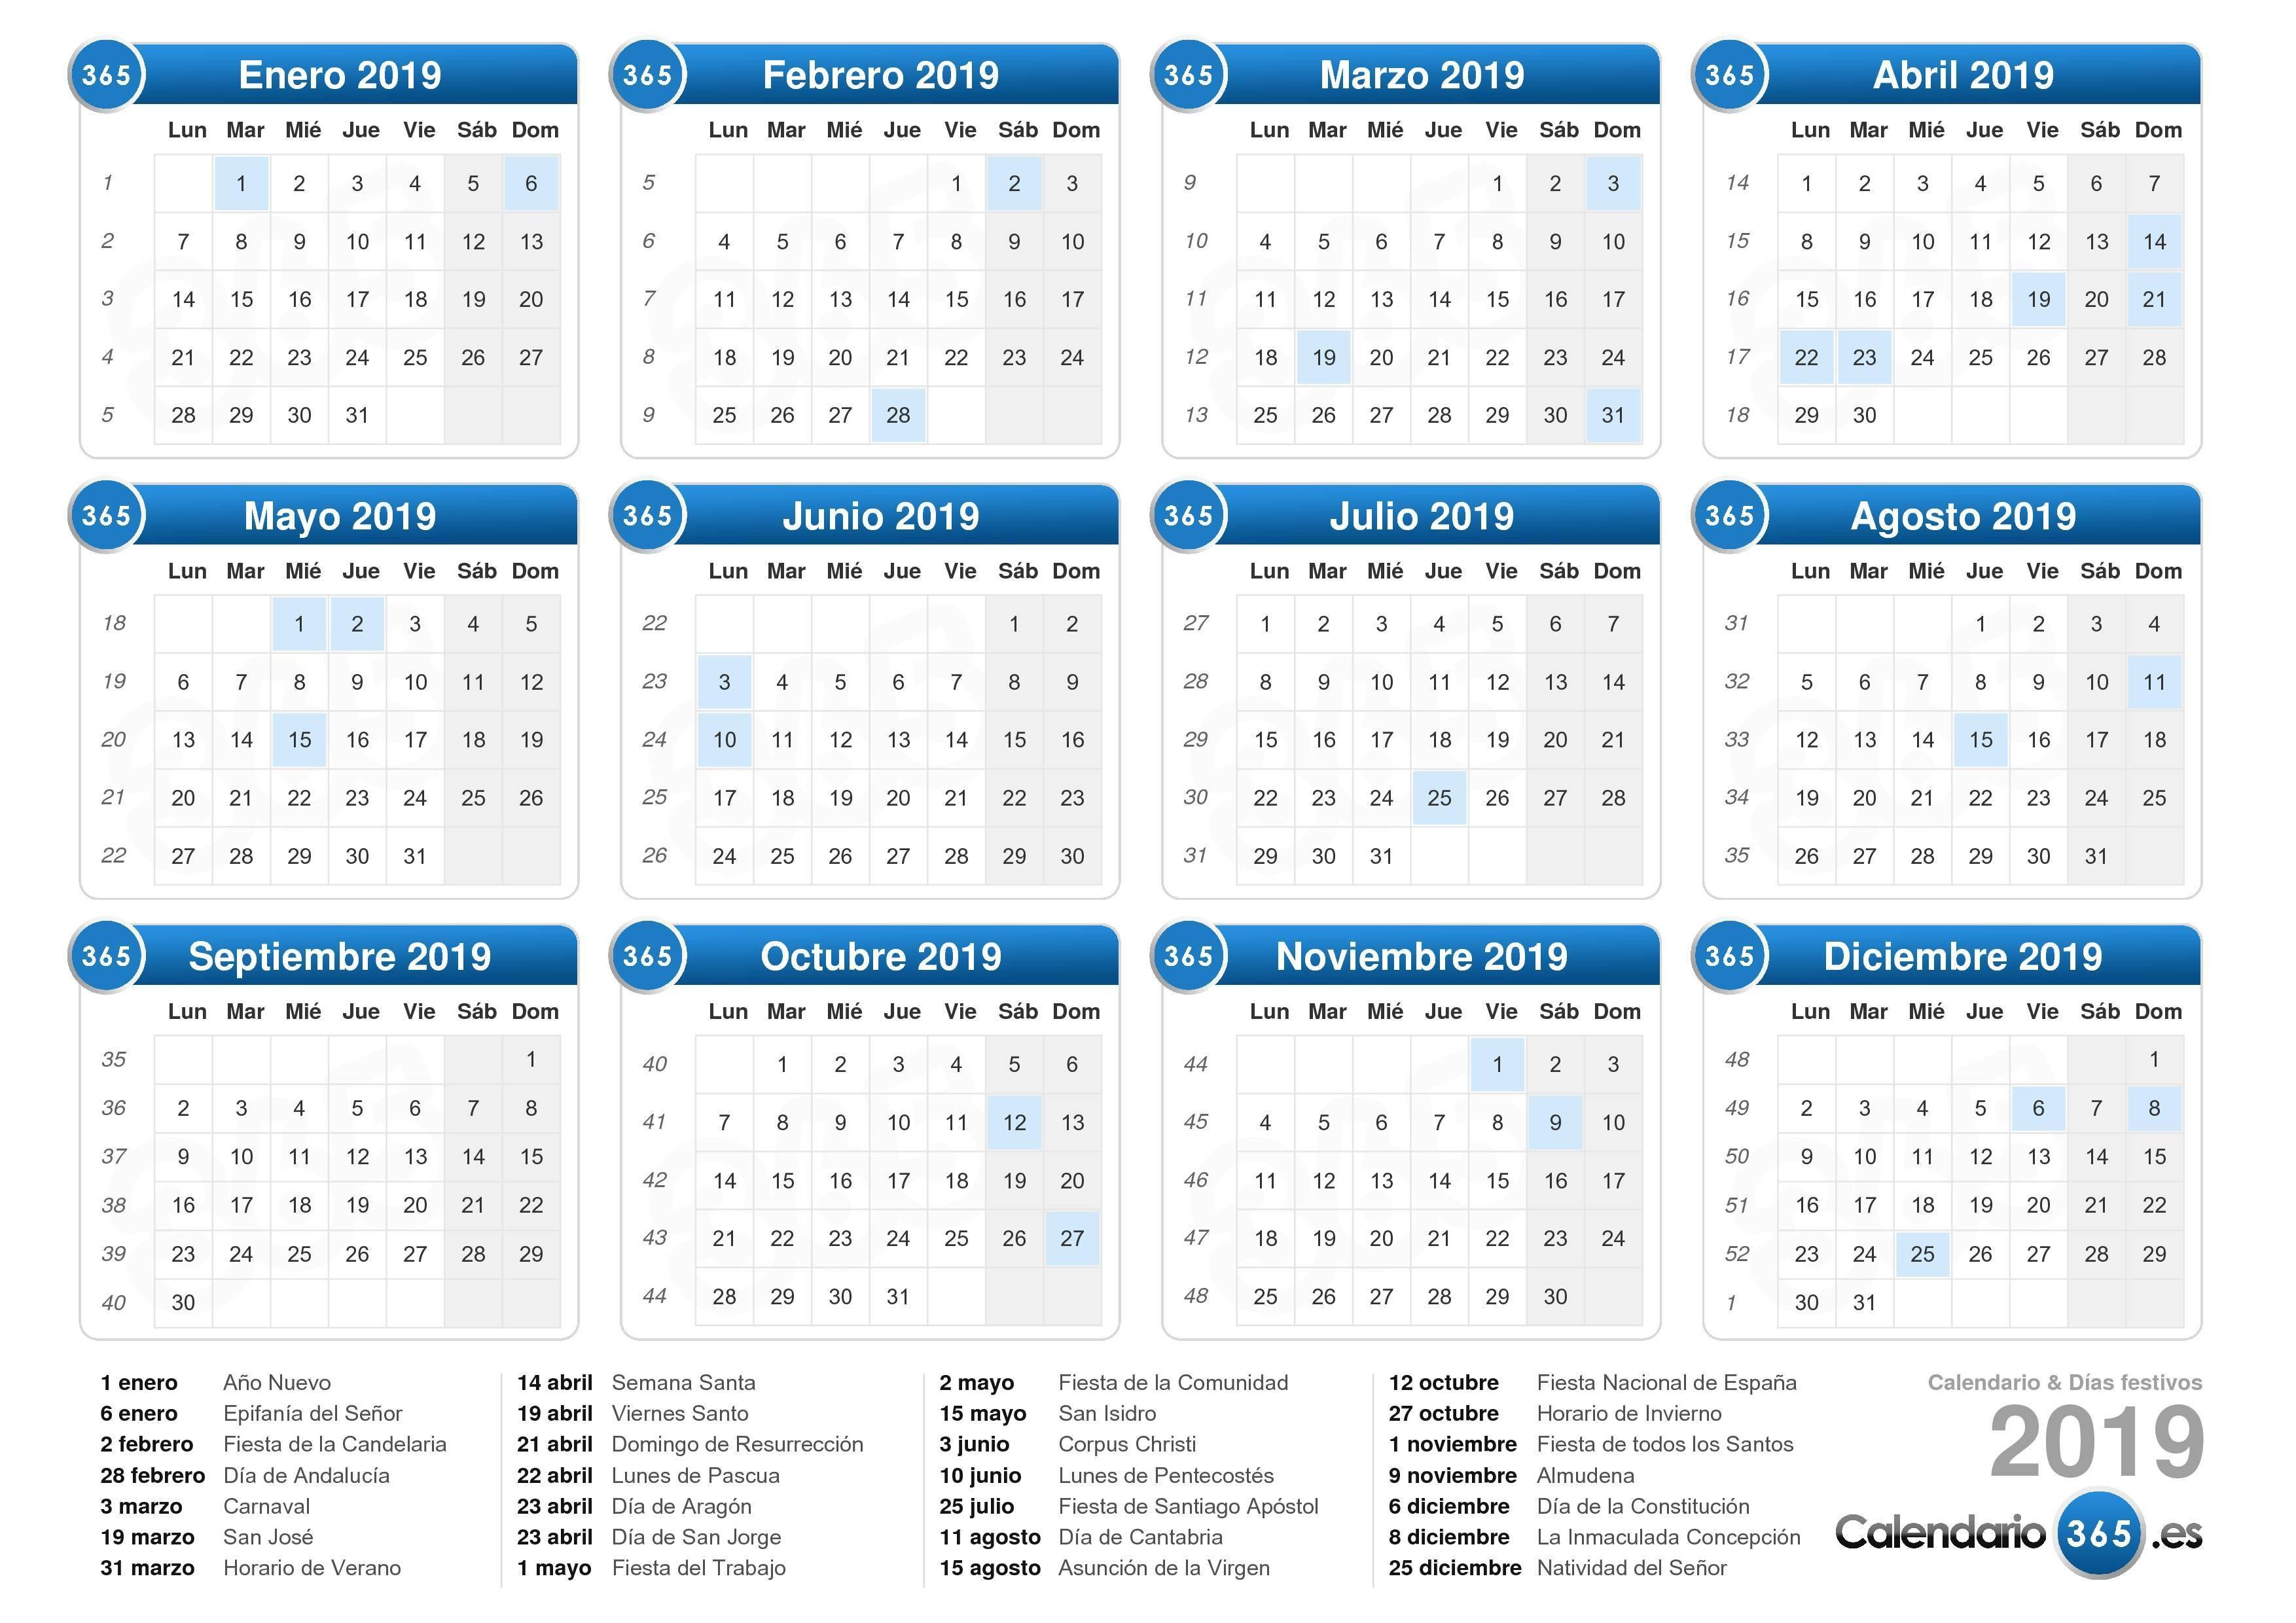 Calendario Para Imprimir 2019 Enero Más Reciente Best Calendario Enero 2019 Para Imprimir Gratis Image Collection Of Calendario Para Imprimir 2019 Enero Más Recientes Curriculum Vitae Basico Word Para Descargar